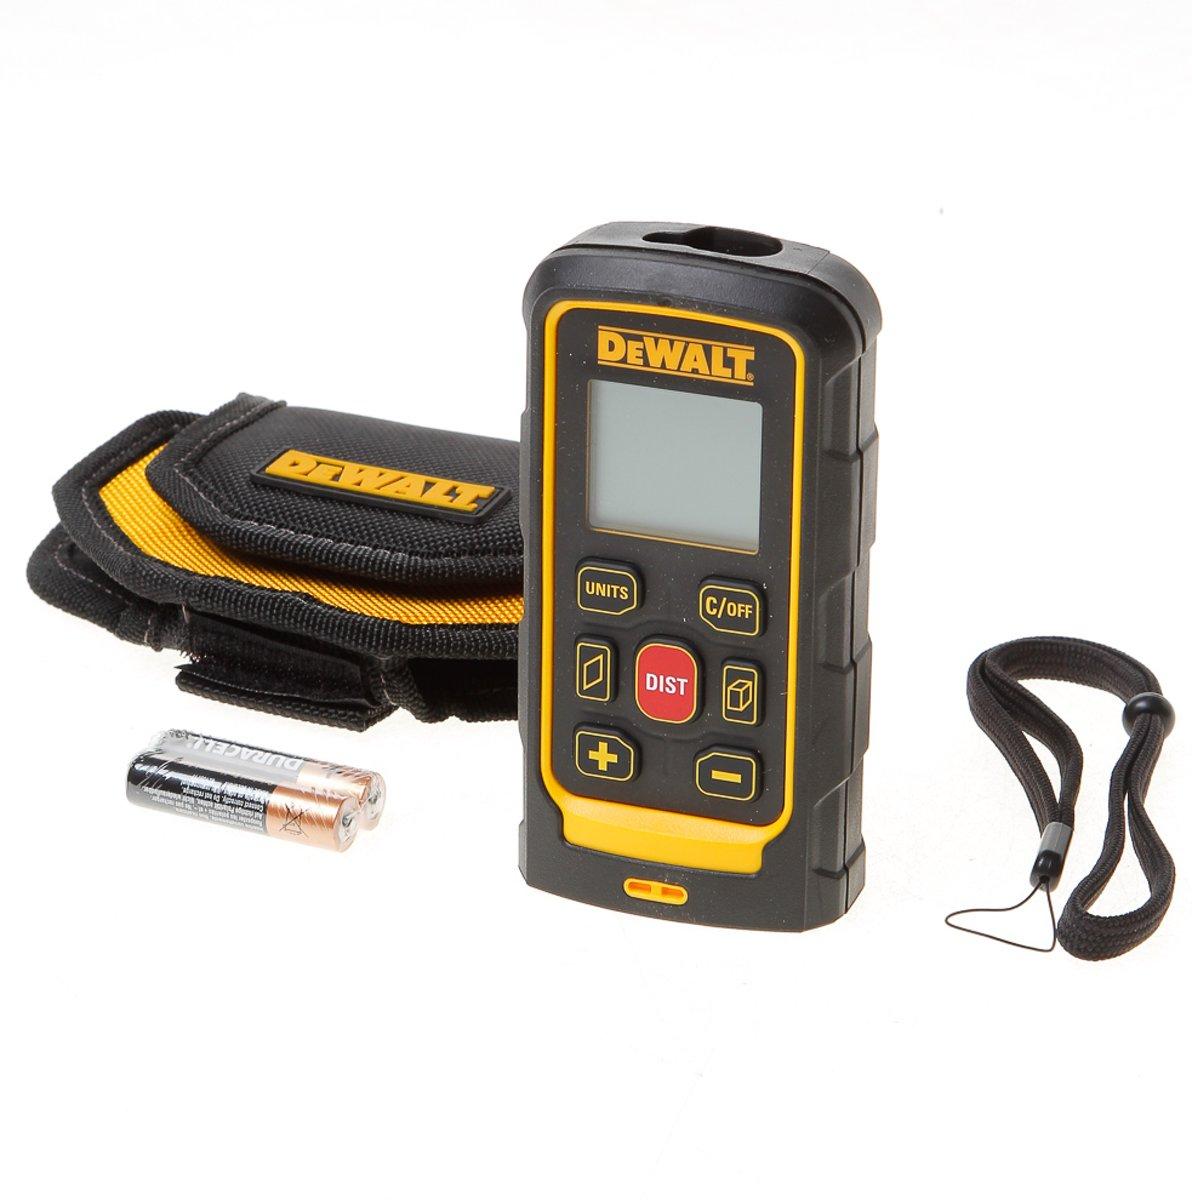 DeWalt DW03050 Gelb/Schwarz Laser-Distanzmesser kopen